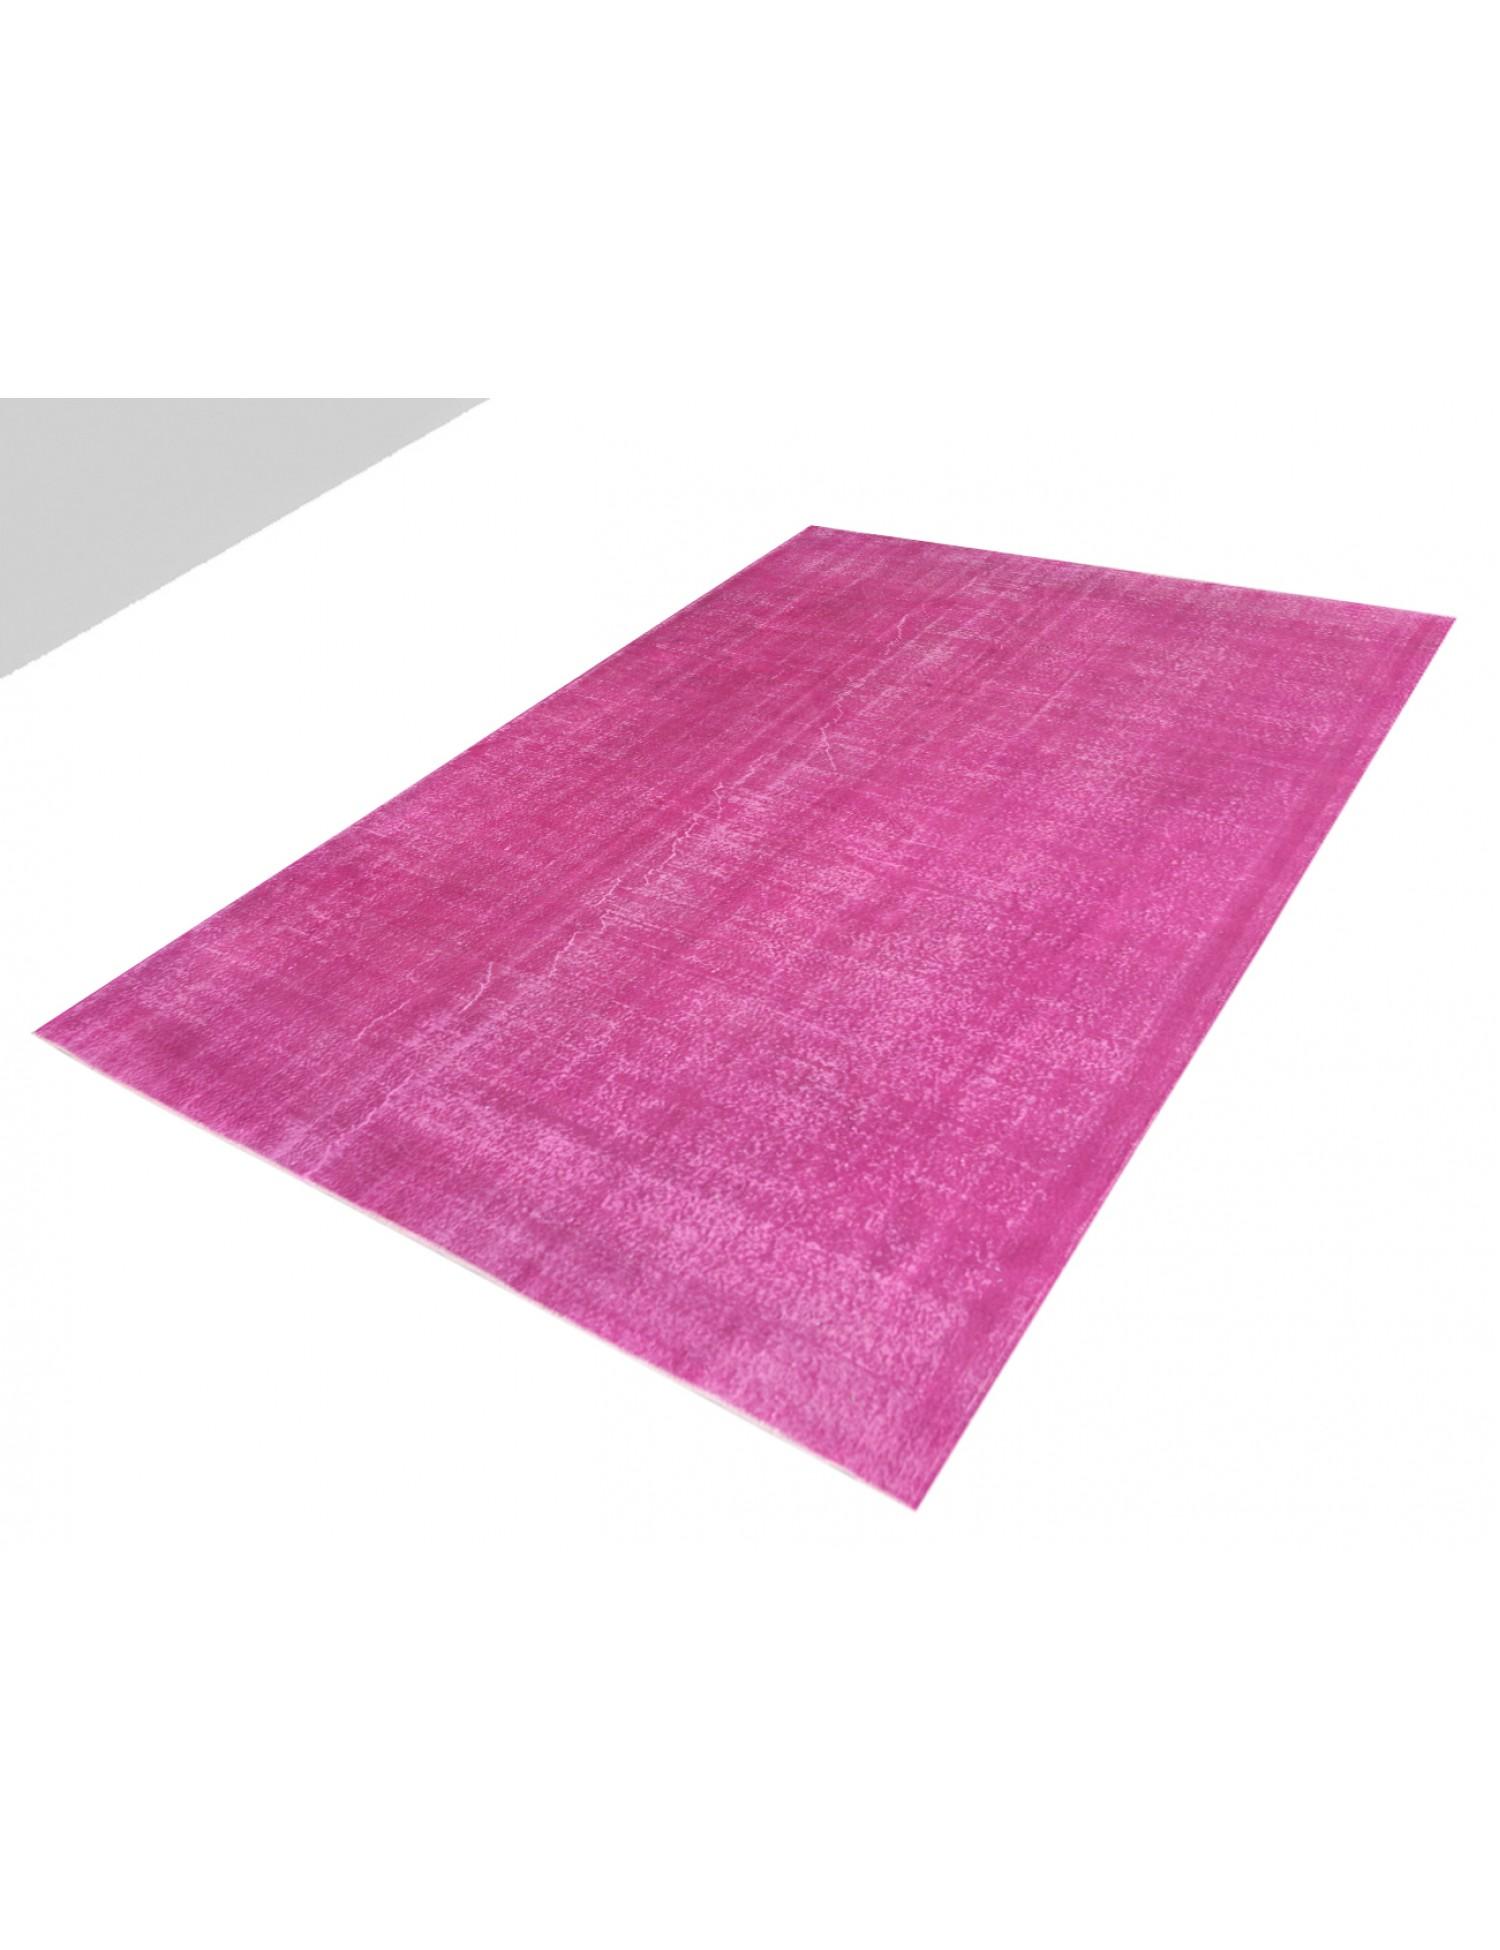 Vintage Teppich  rosa <br/>345 x 235 cm